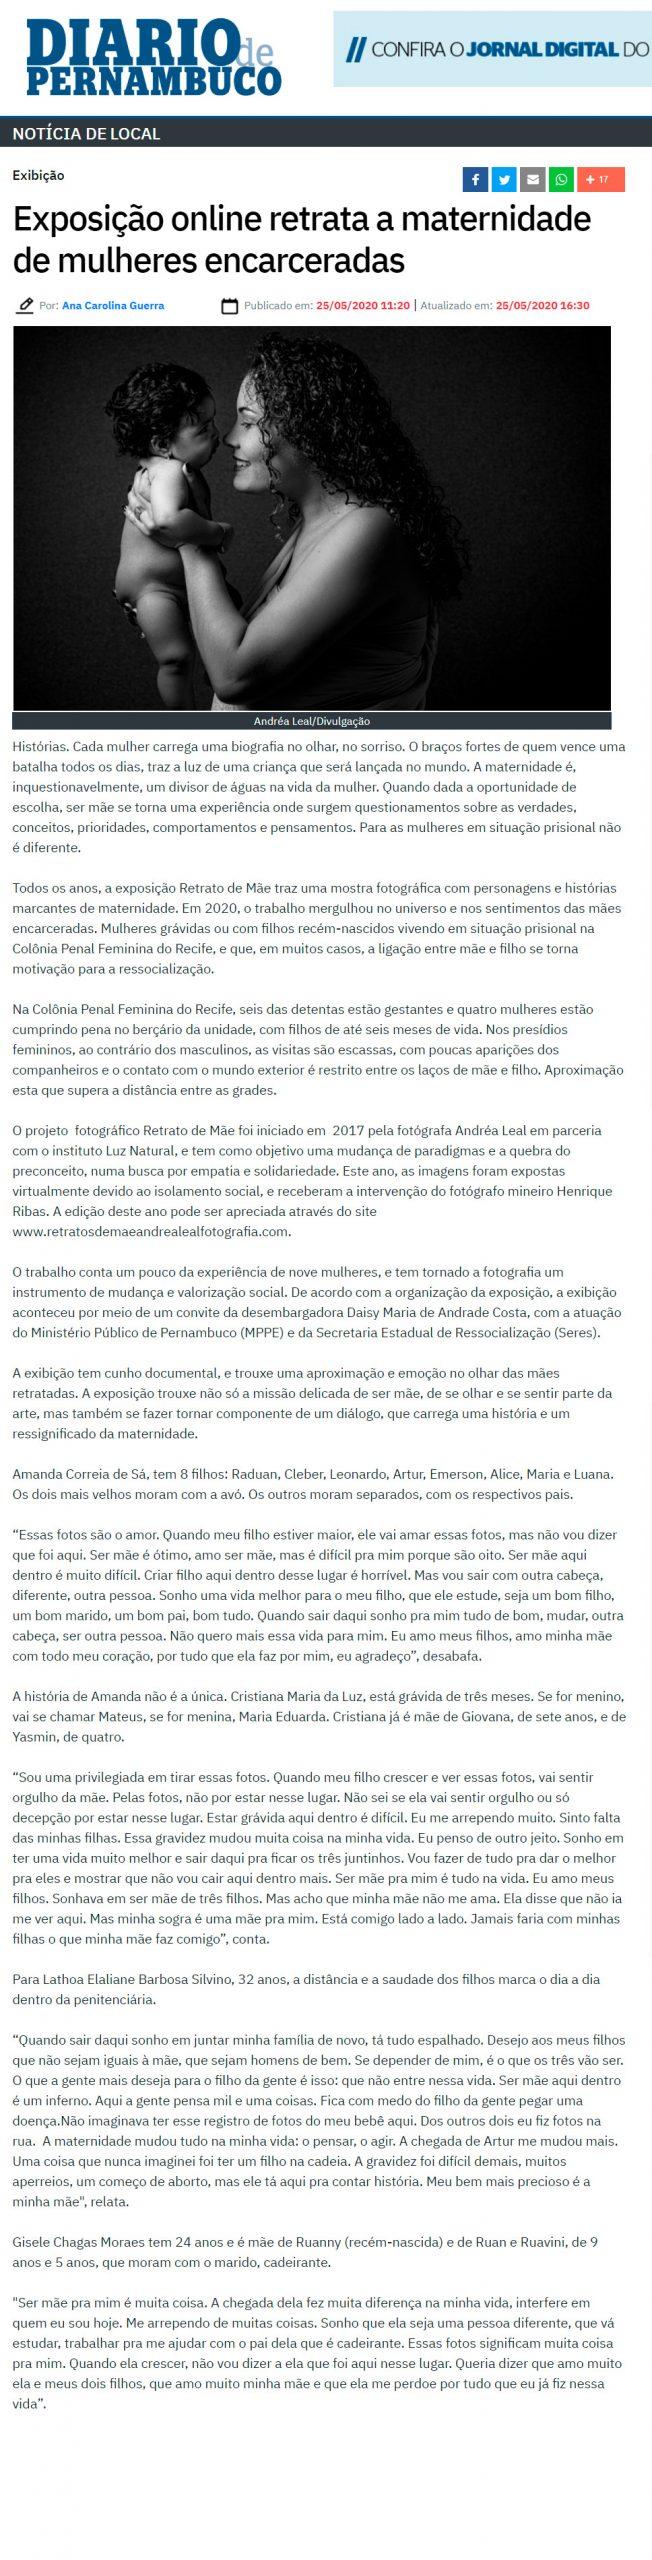 screencapture-diariodepernambuco-br-noticia-vidaurbana-2020-05-exposicao-online-retrata-a-maternidade-de-mulheres-encarceradas-html-2020-06-01-12_45_55